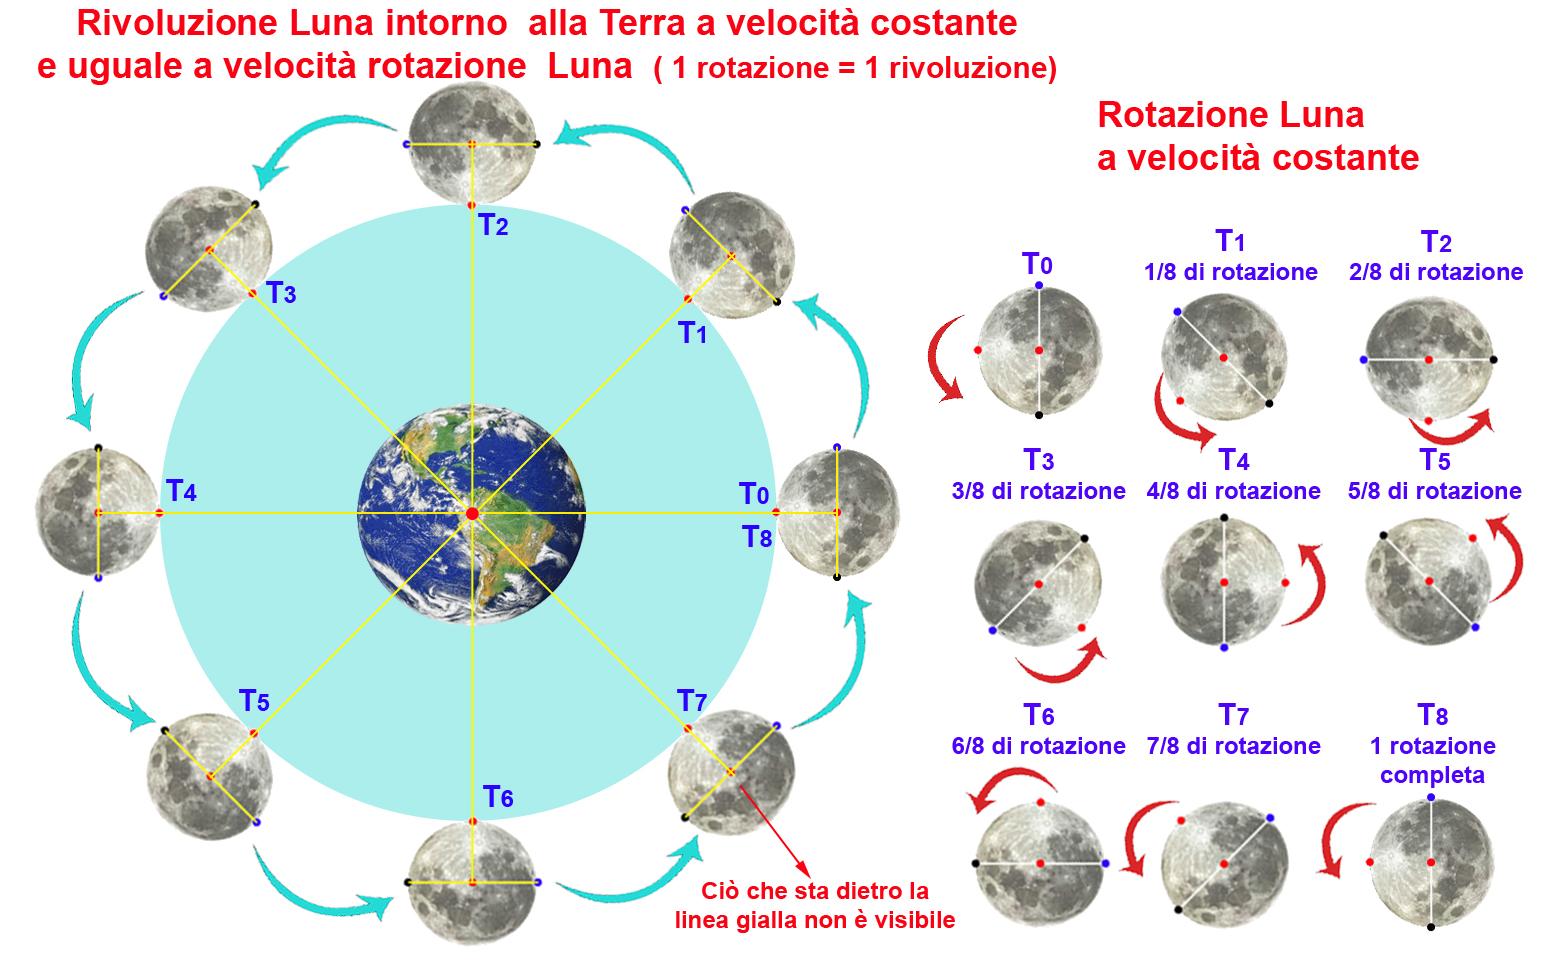 Rotazione e Rivoluzione Luna